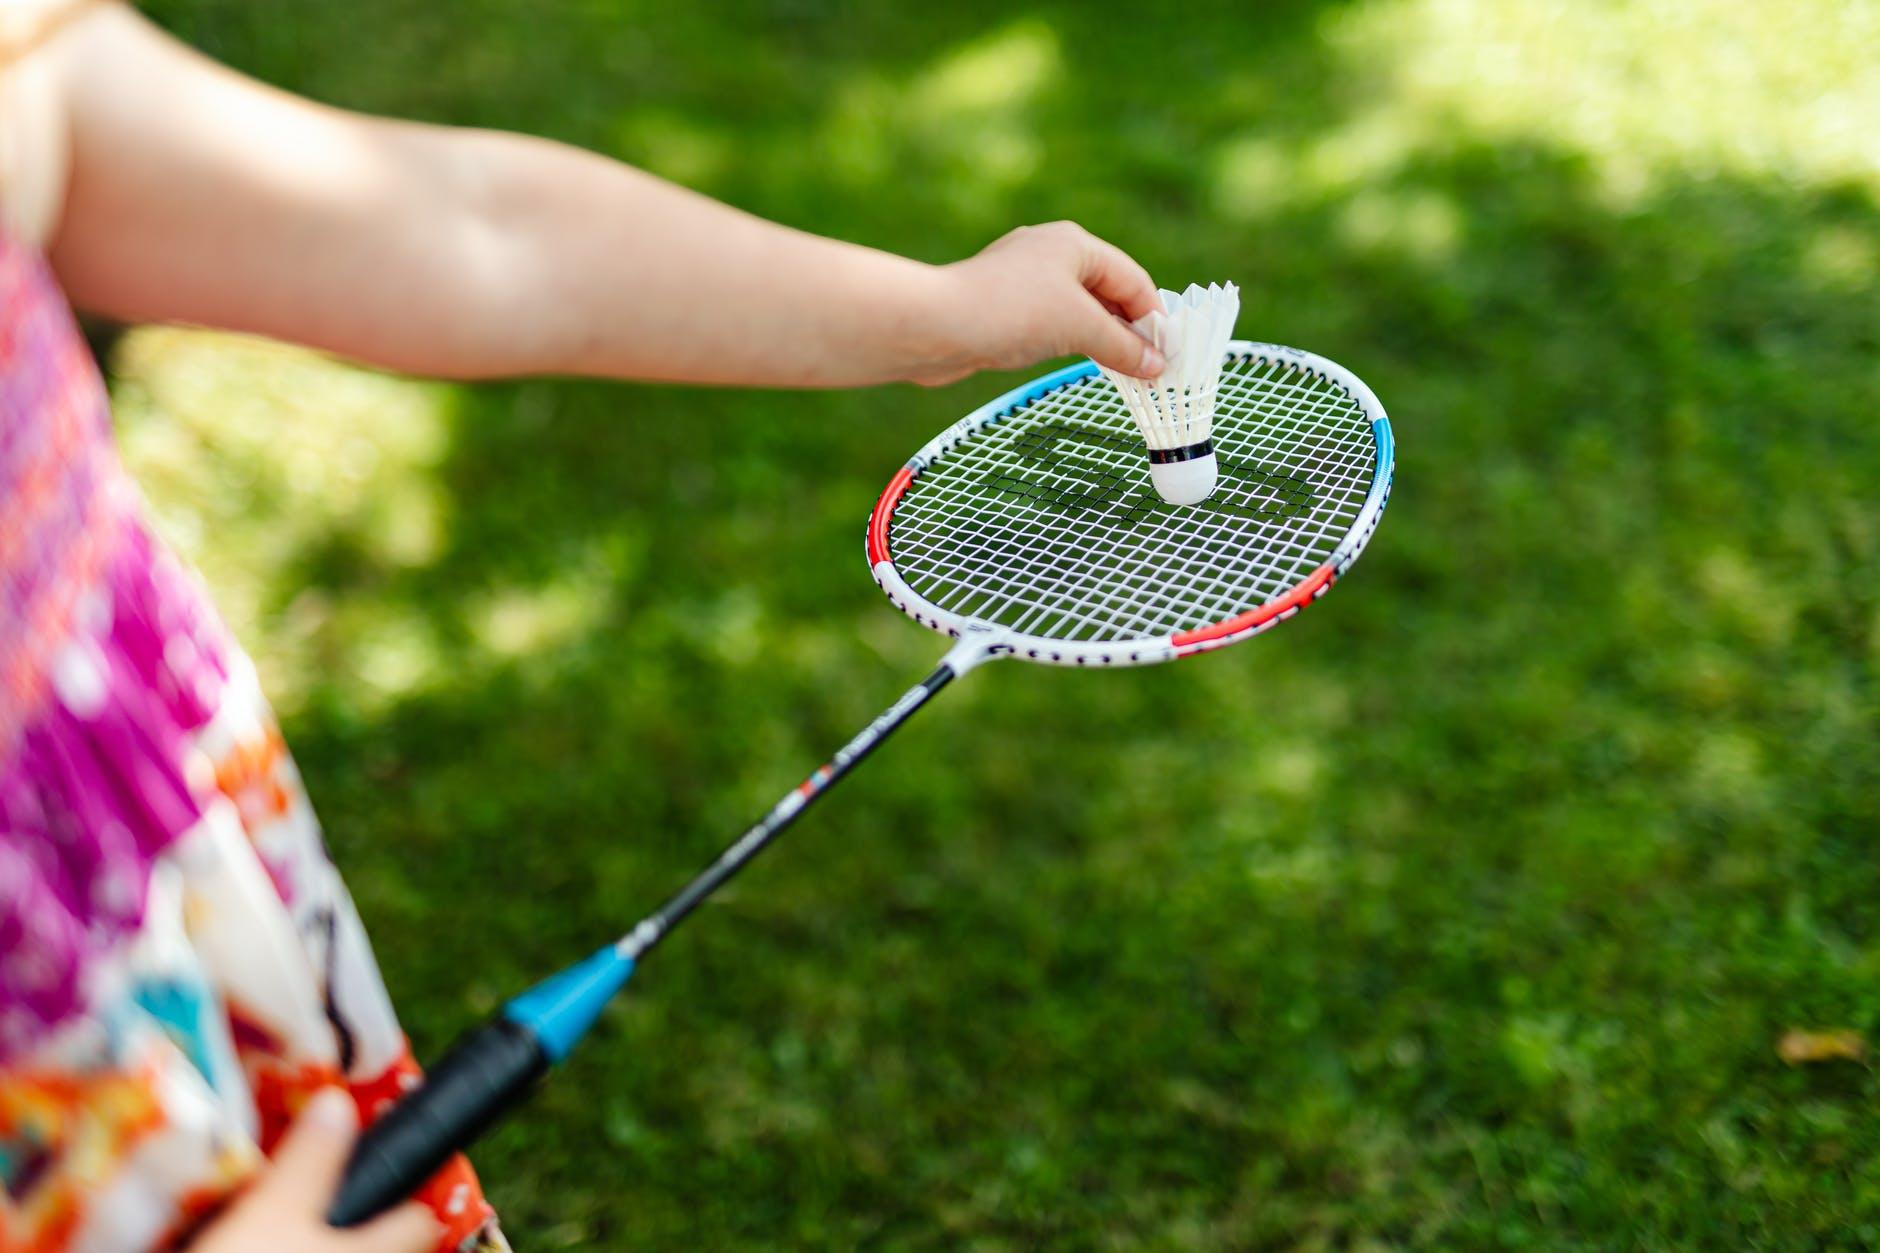 Danas u Mraclinu promocija badmintona na otvorenom!